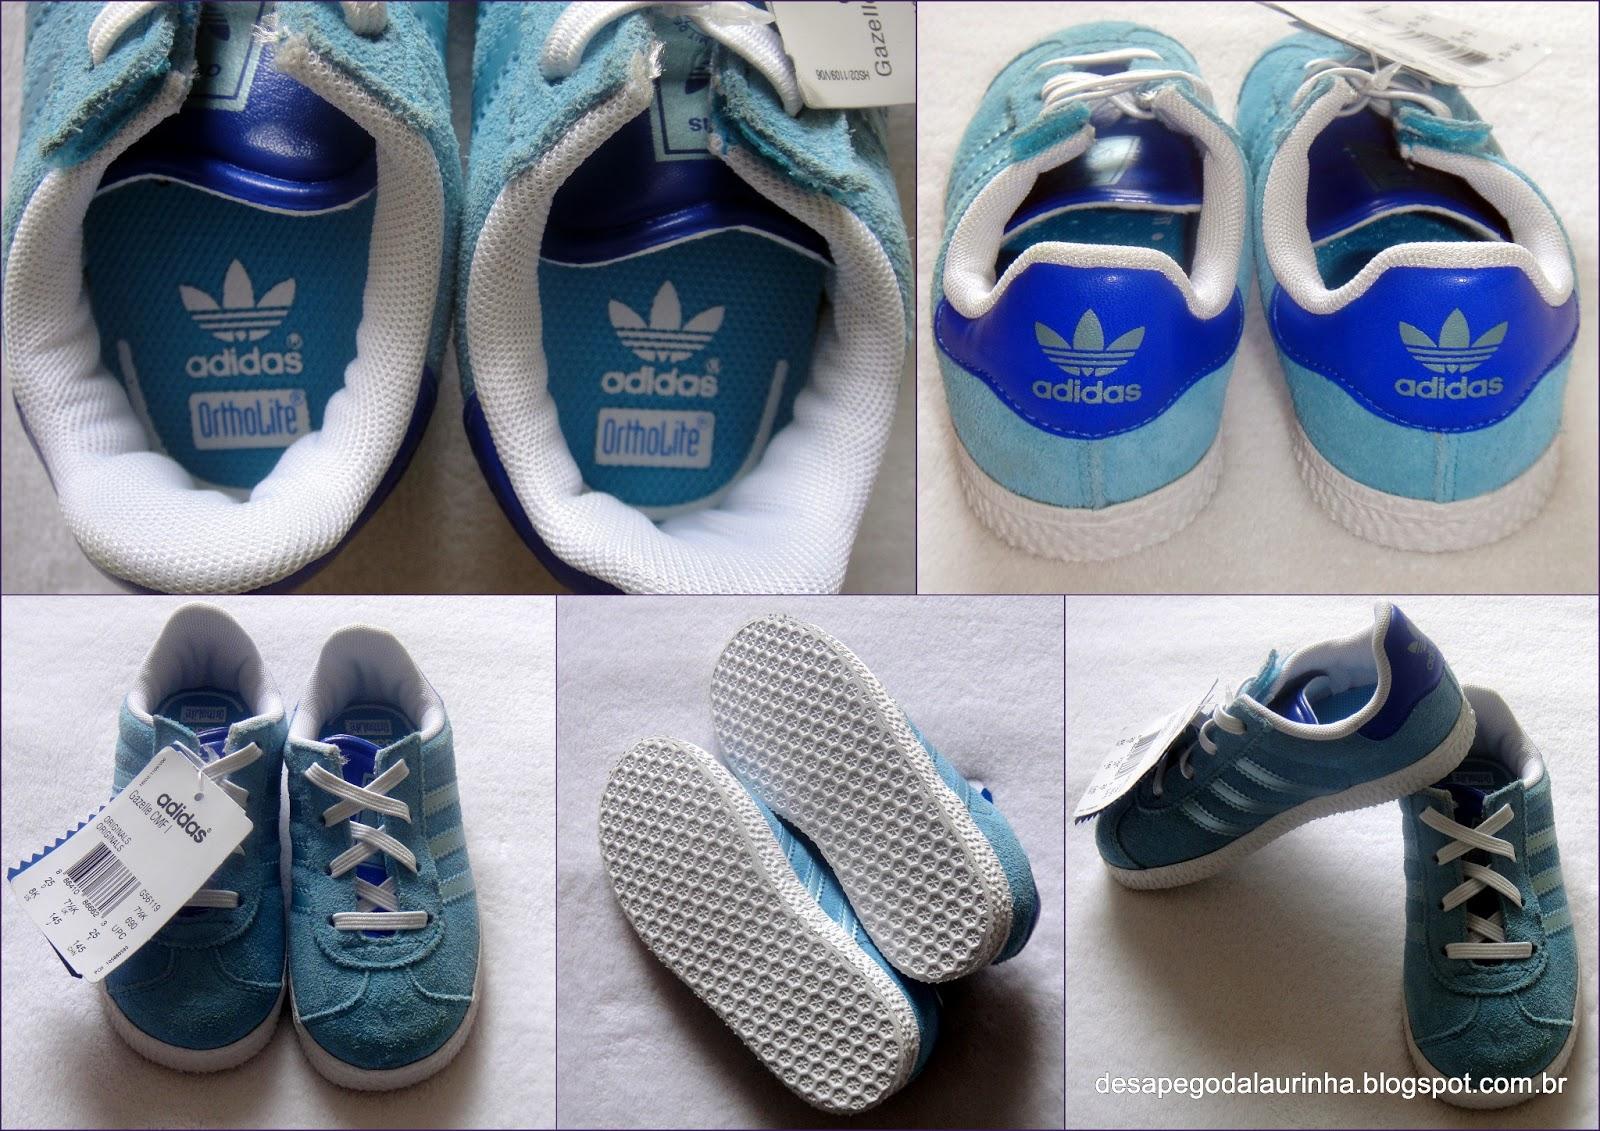 b2e7c1b07d Tênis Adidas novo (Com etiqueta). Esses tênis estão NOVOS